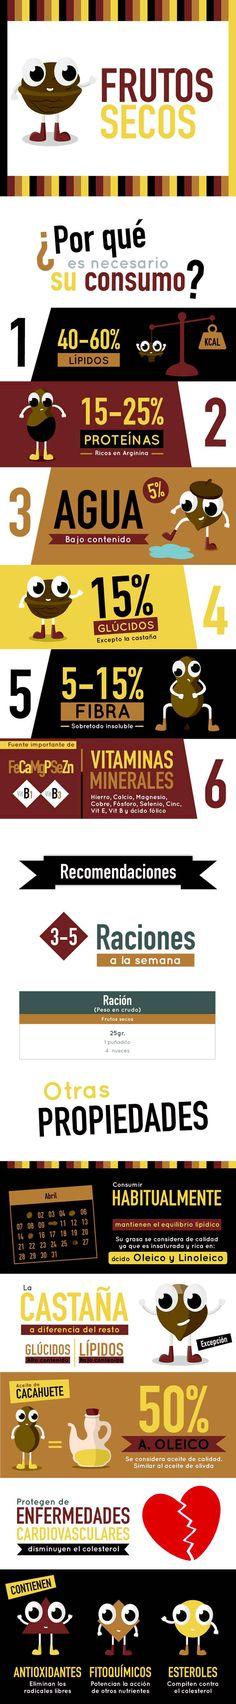 ★★★★★ Frutos secos ¿Por qué es necesario su consumo?  I➨  http://dieta.tips/importancia-de-consumir-frutos-secos/ → Dieta, Nutricion, Salud